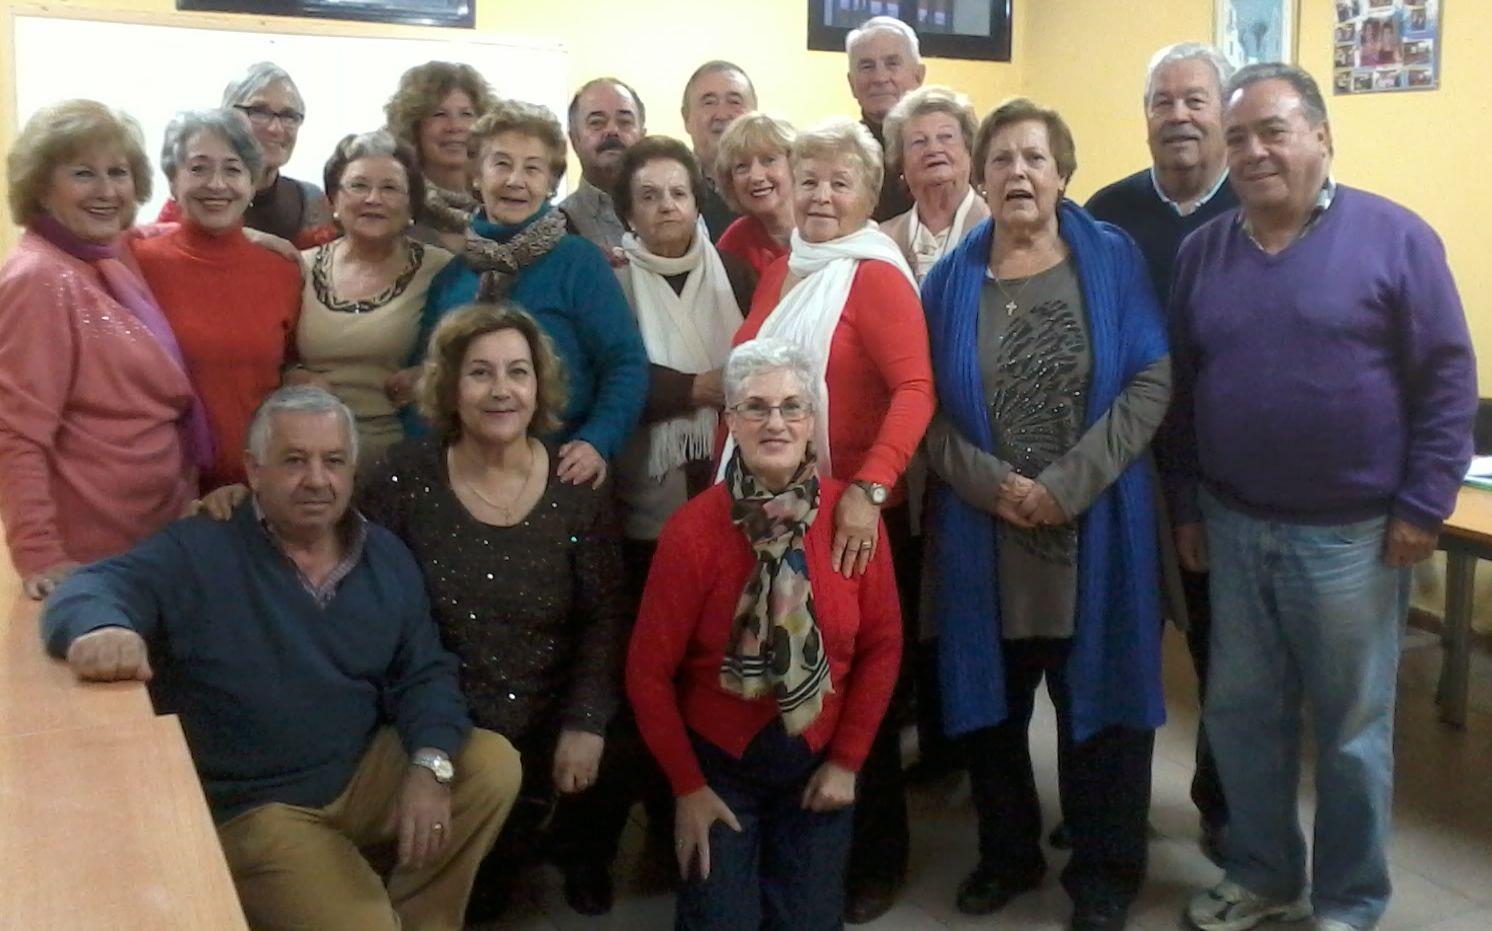 XXII Muestra de Teatro de Centros Docentes: Centro de mayores Anica Torres 'La Olla', 'Jácara del avaro' y 'El avaro'